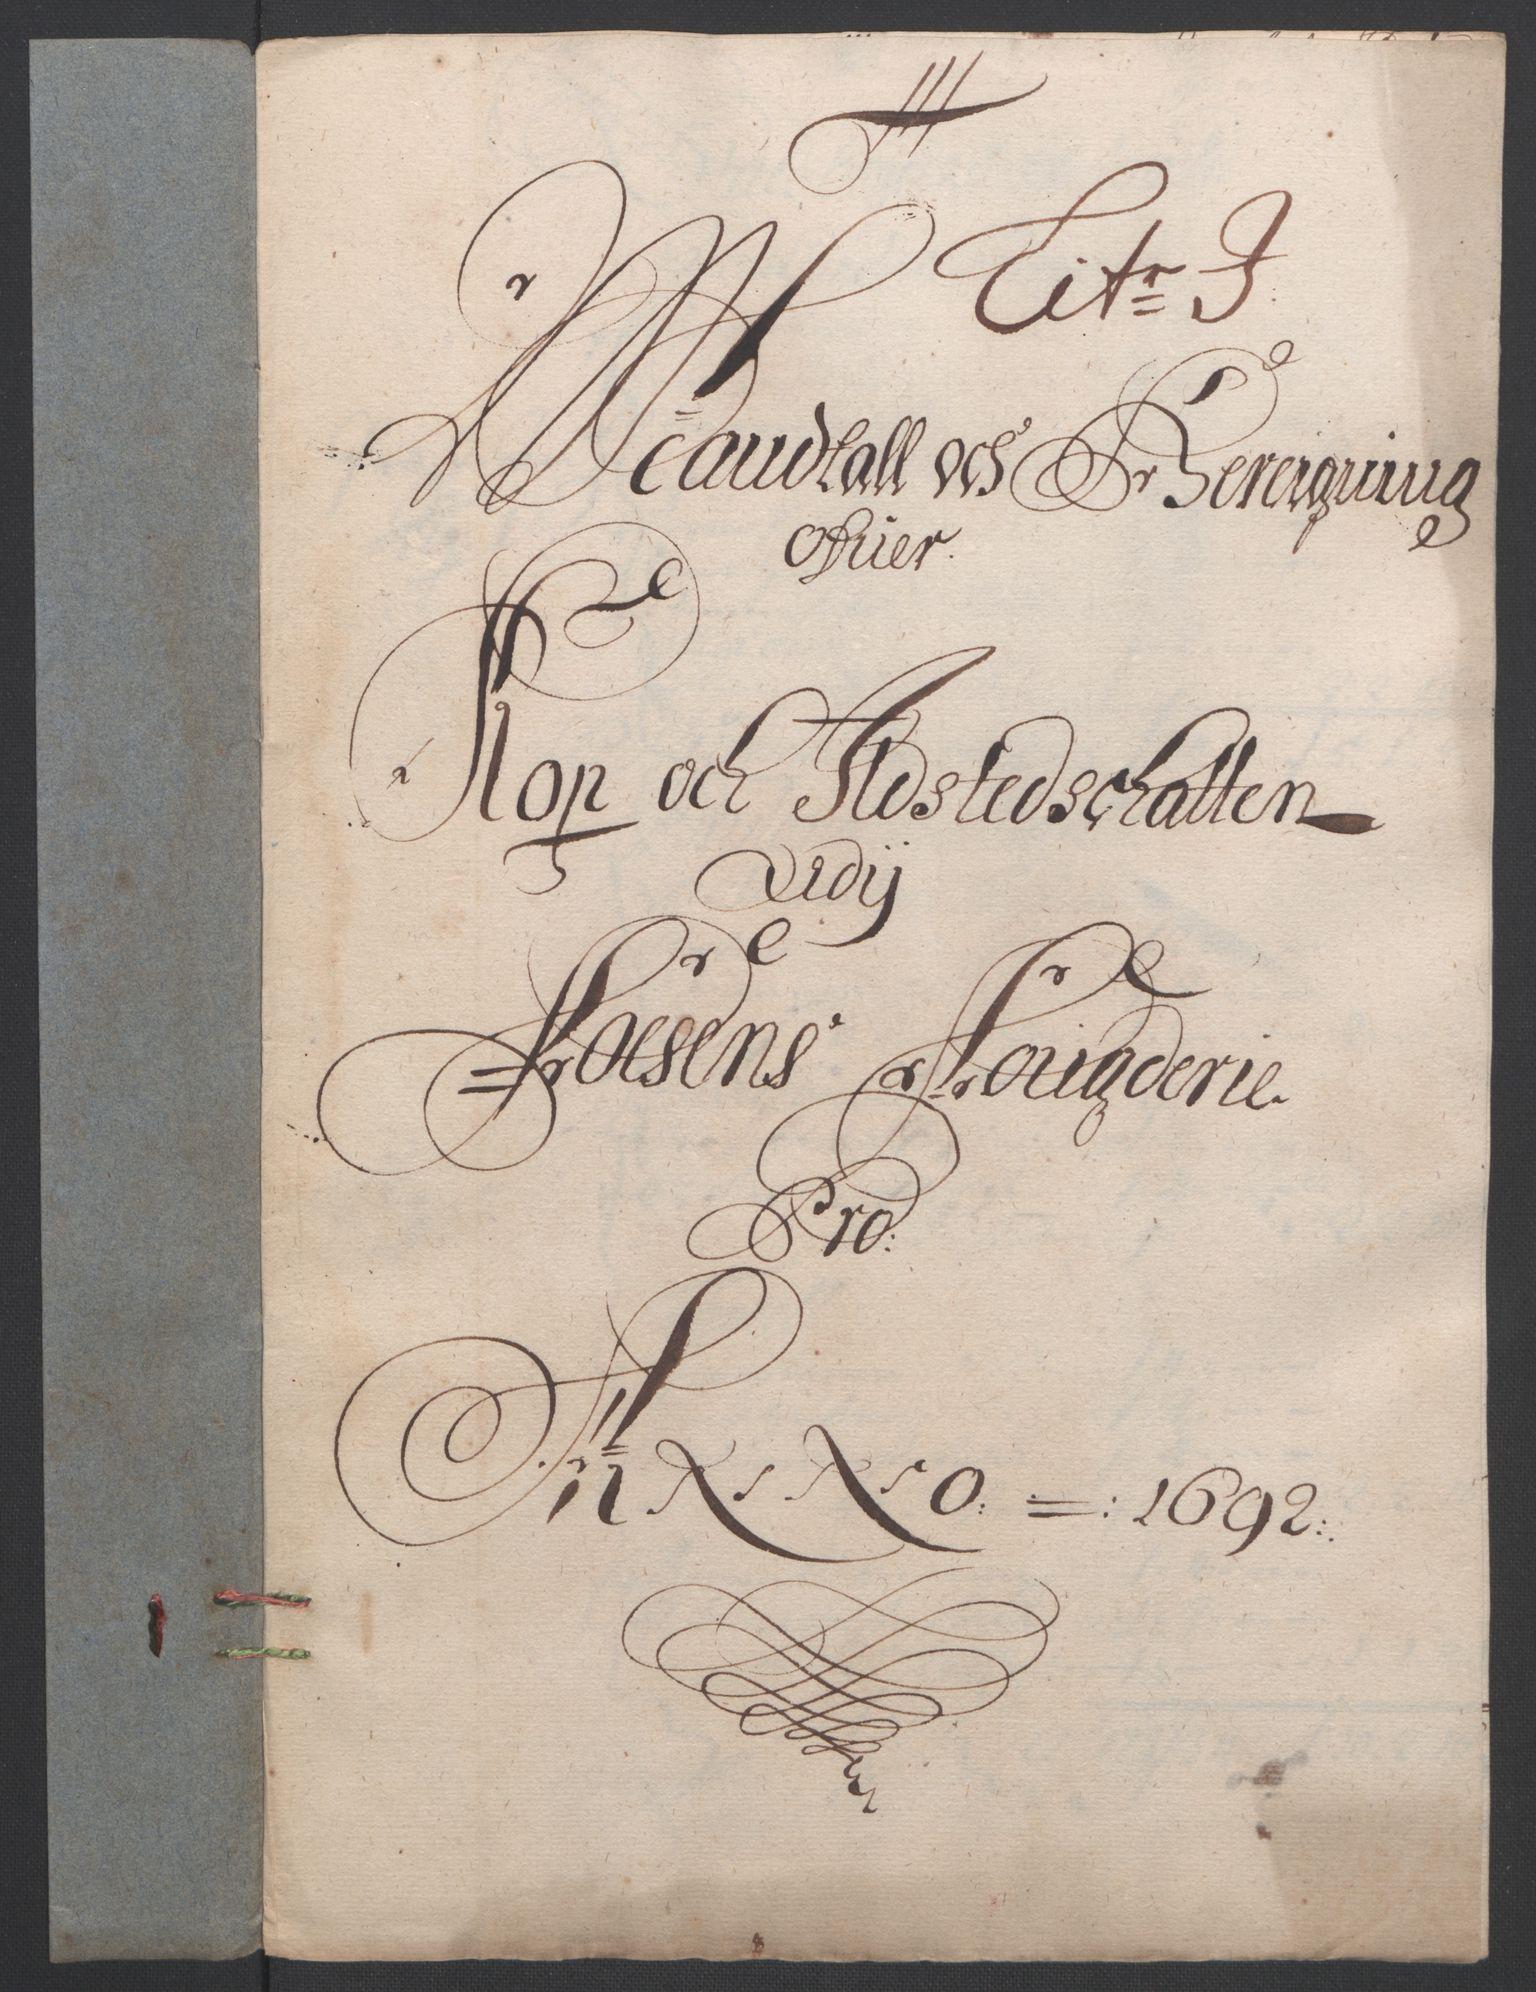 RA, Rentekammeret inntil 1814, Reviderte regnskaper, Fogderegnskap, R57/L3849: Fogderegnskap Fosen, 1692-1693, s. 143